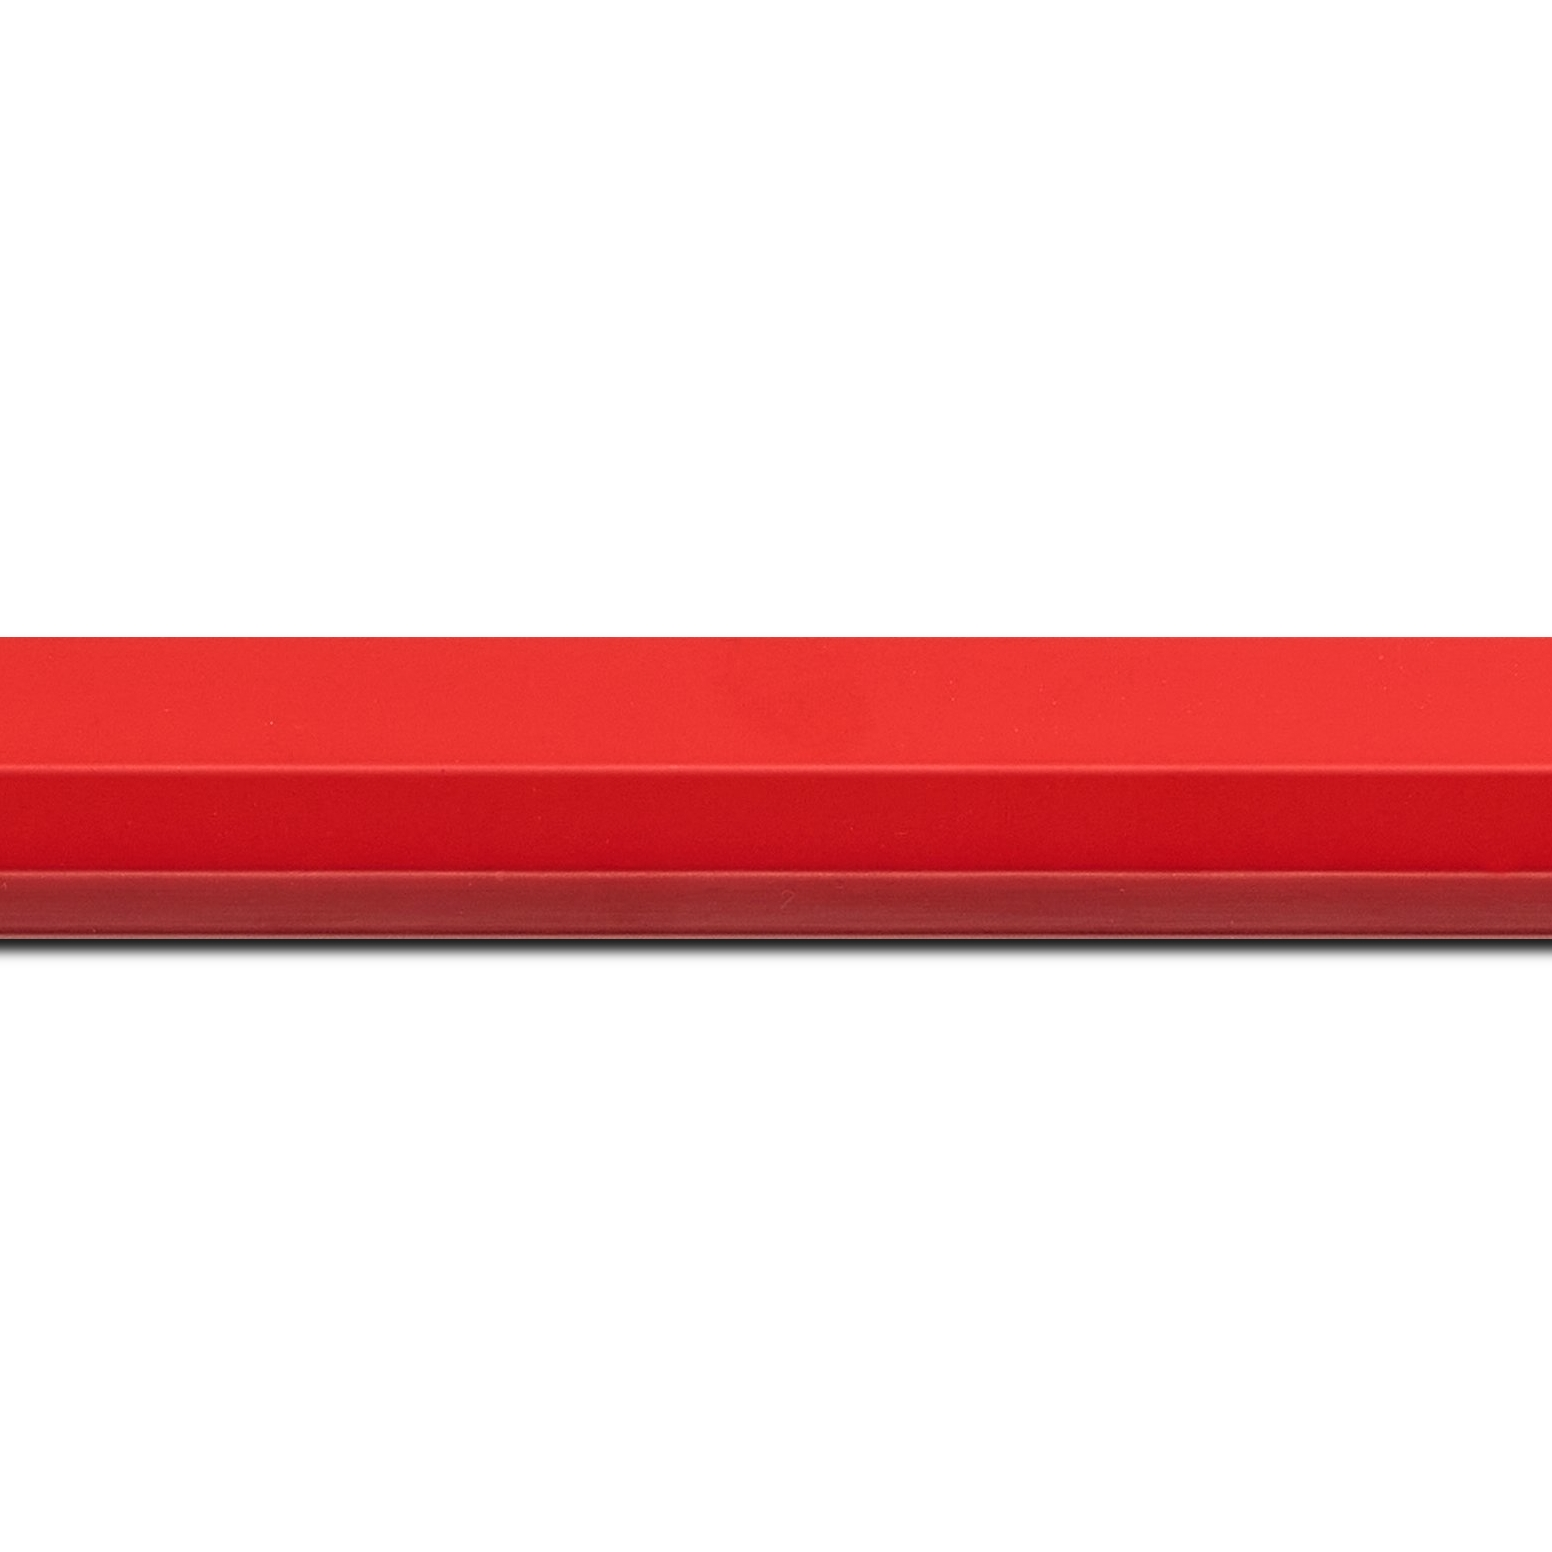 Baguette longueur 1.40m bois profil plat 3 faces largeur 2.8cm de couleur rouge , nez intérieur bordeaux dégradé